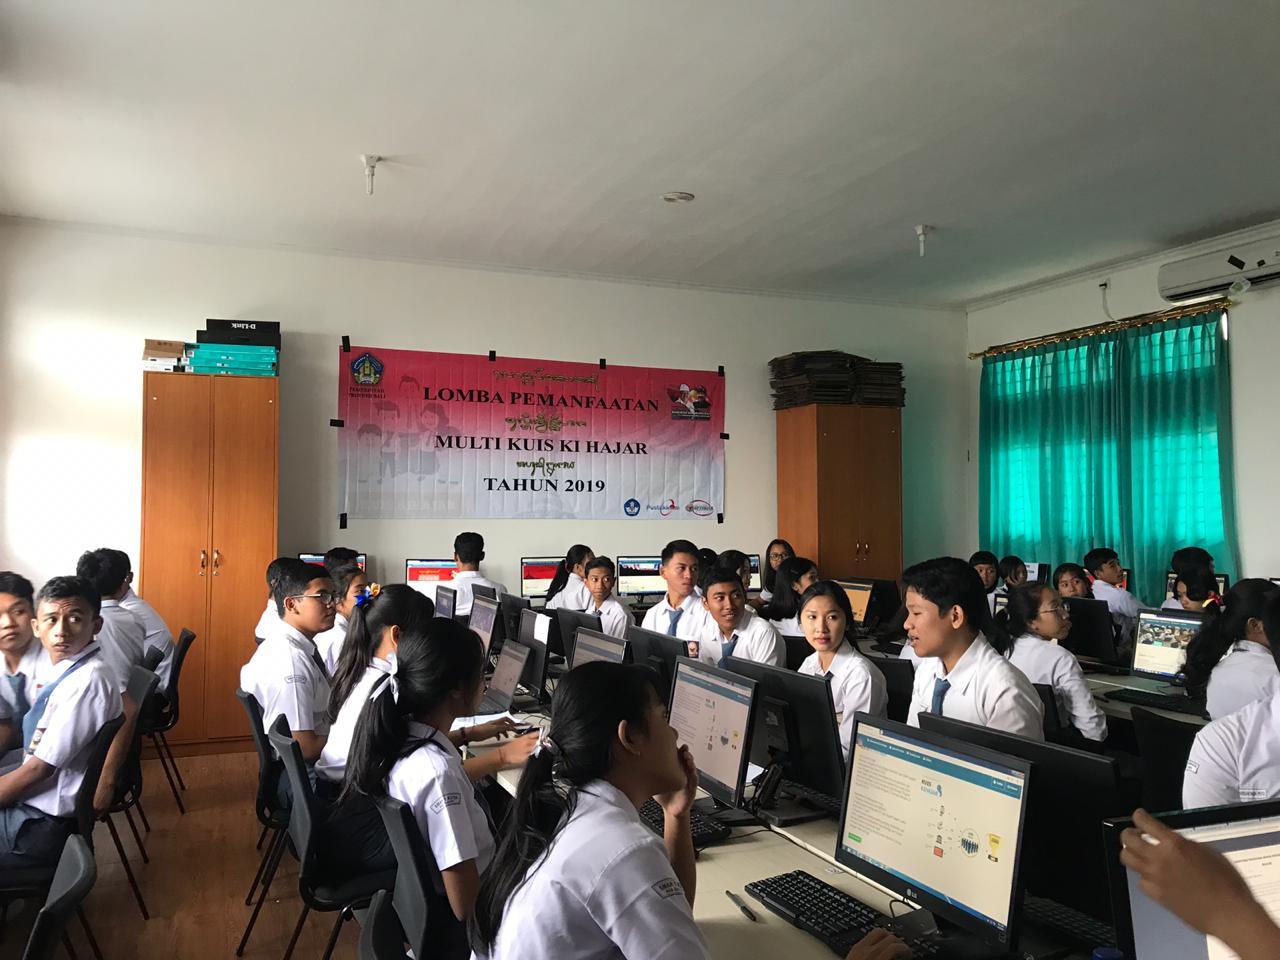 Kuis kihajar 2019 diikuti siswa/siswi terbaik se kabupaten badung